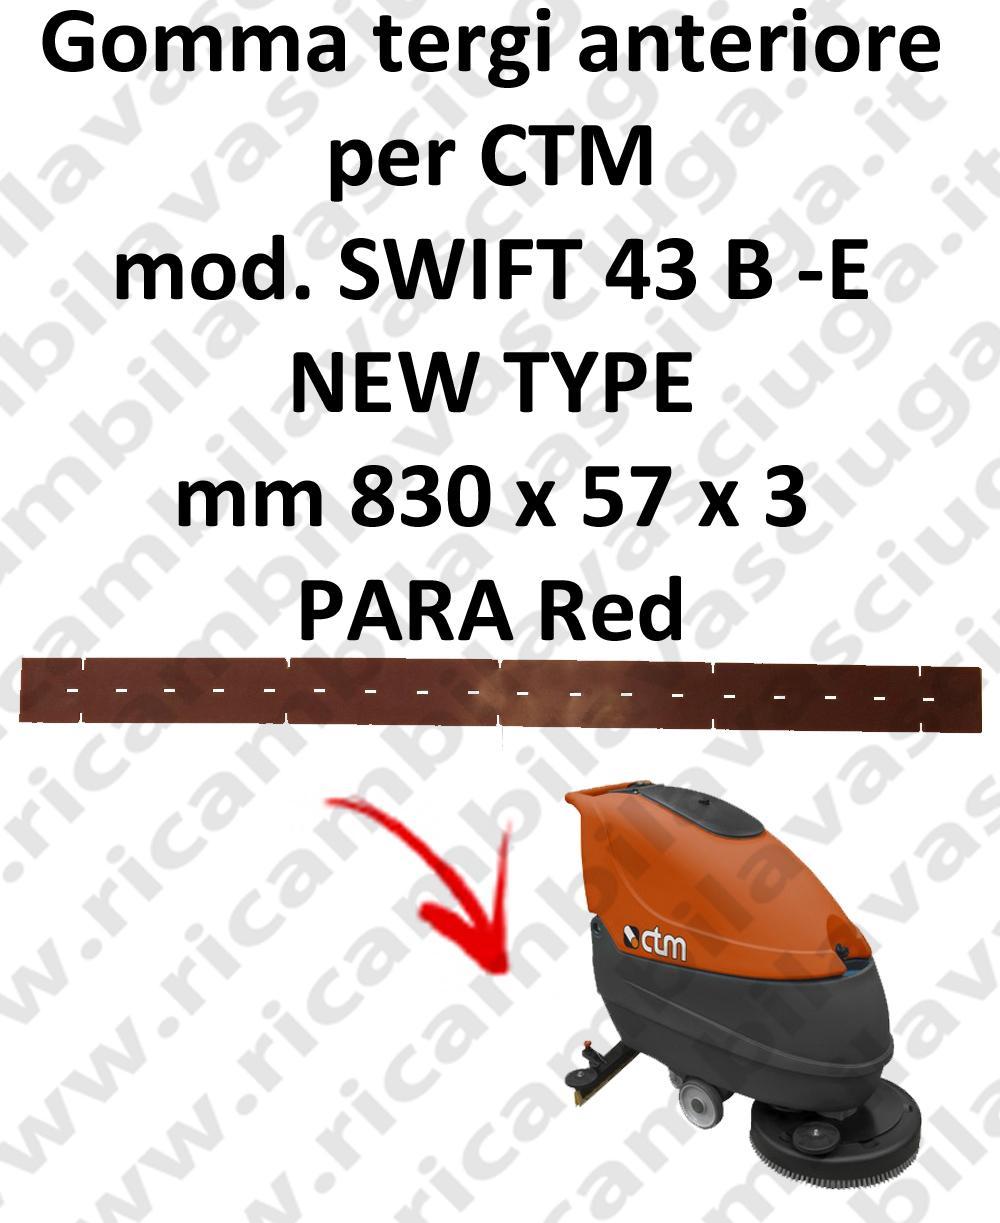 SWIFT 43 B - E new type GOMMA TERGI lavapavimenti anteriore per CTM